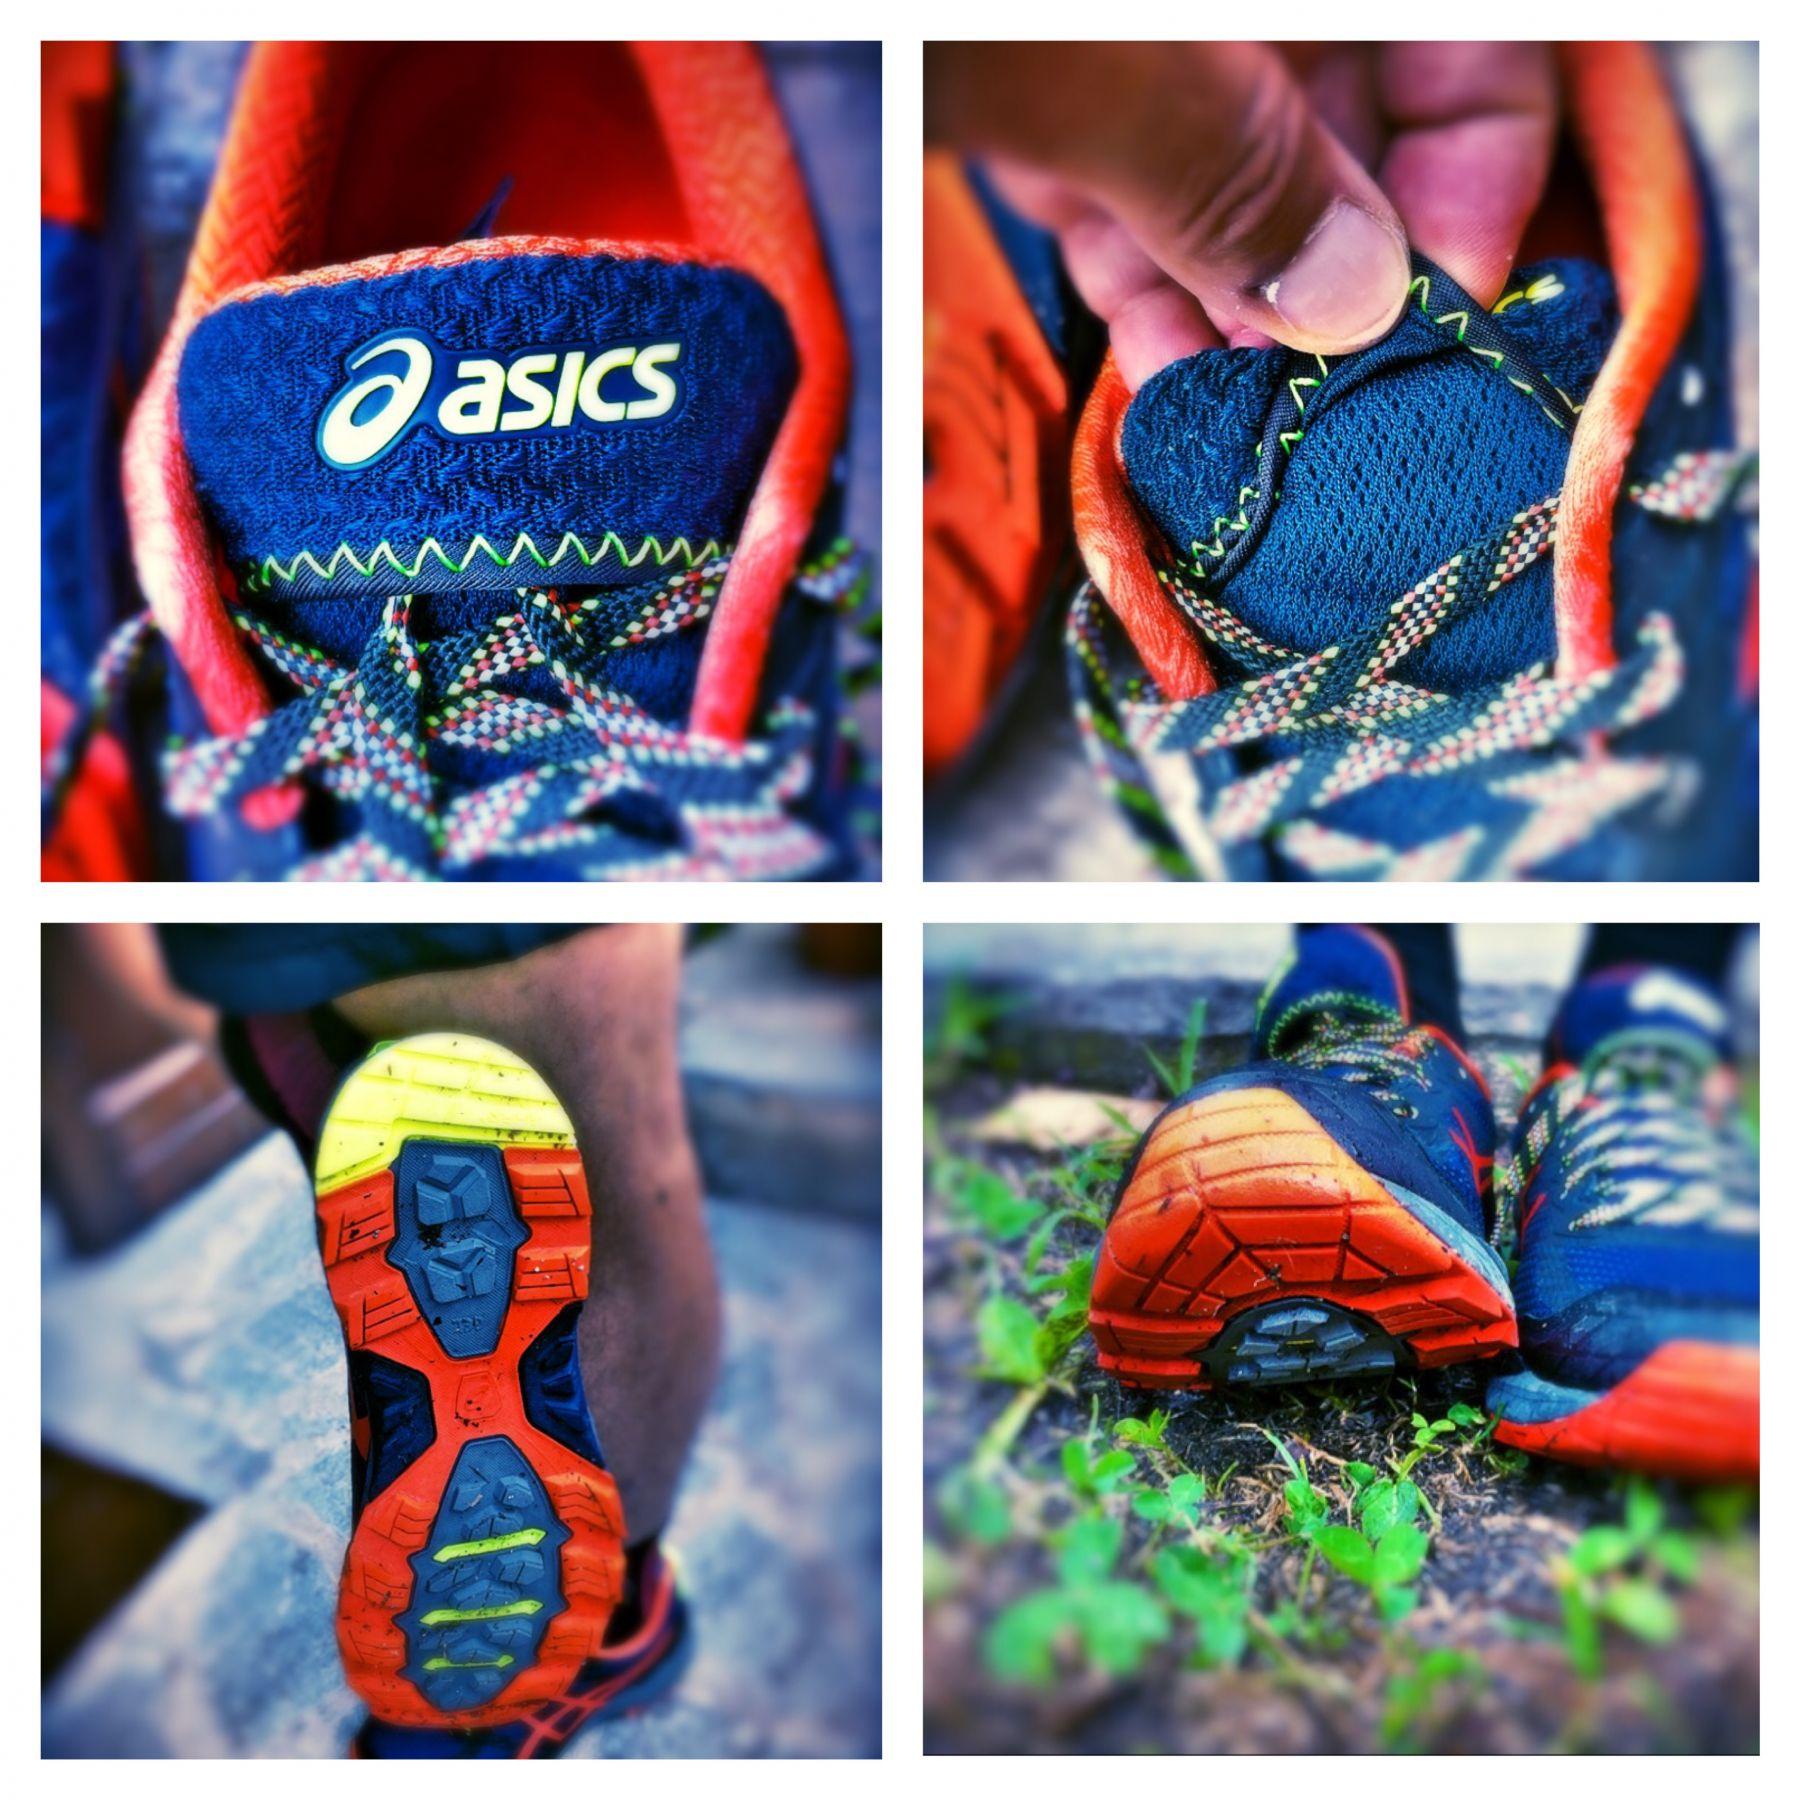 Zahlreiche Technologien und Details zeichnen den Schuh aus wie die Lace-Garage oder die Rock-Protectin-Plate